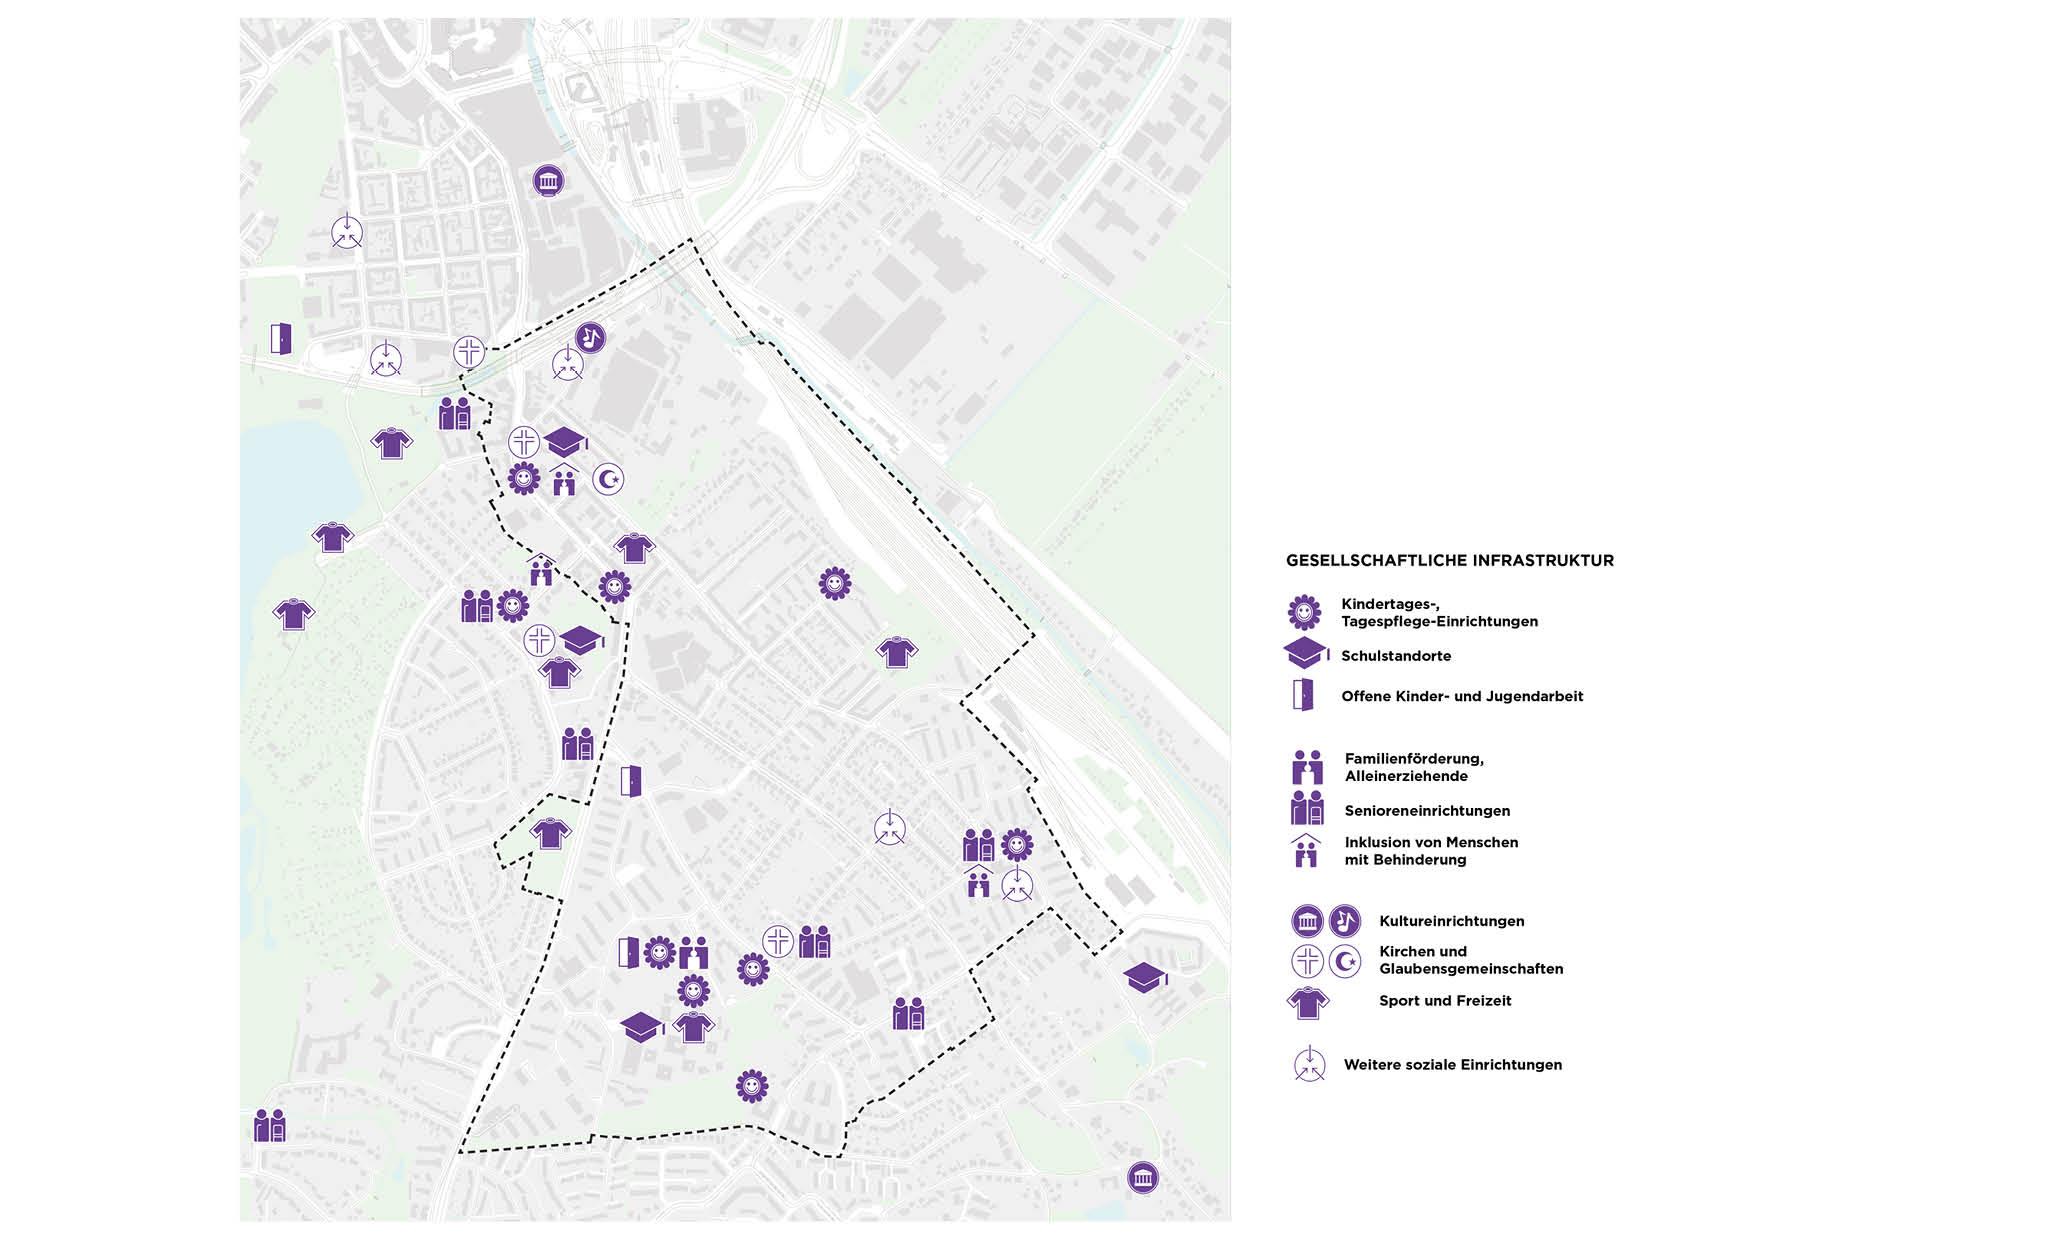 PPA Wilstorf Gesellschaftliche Infrastruktur Karte